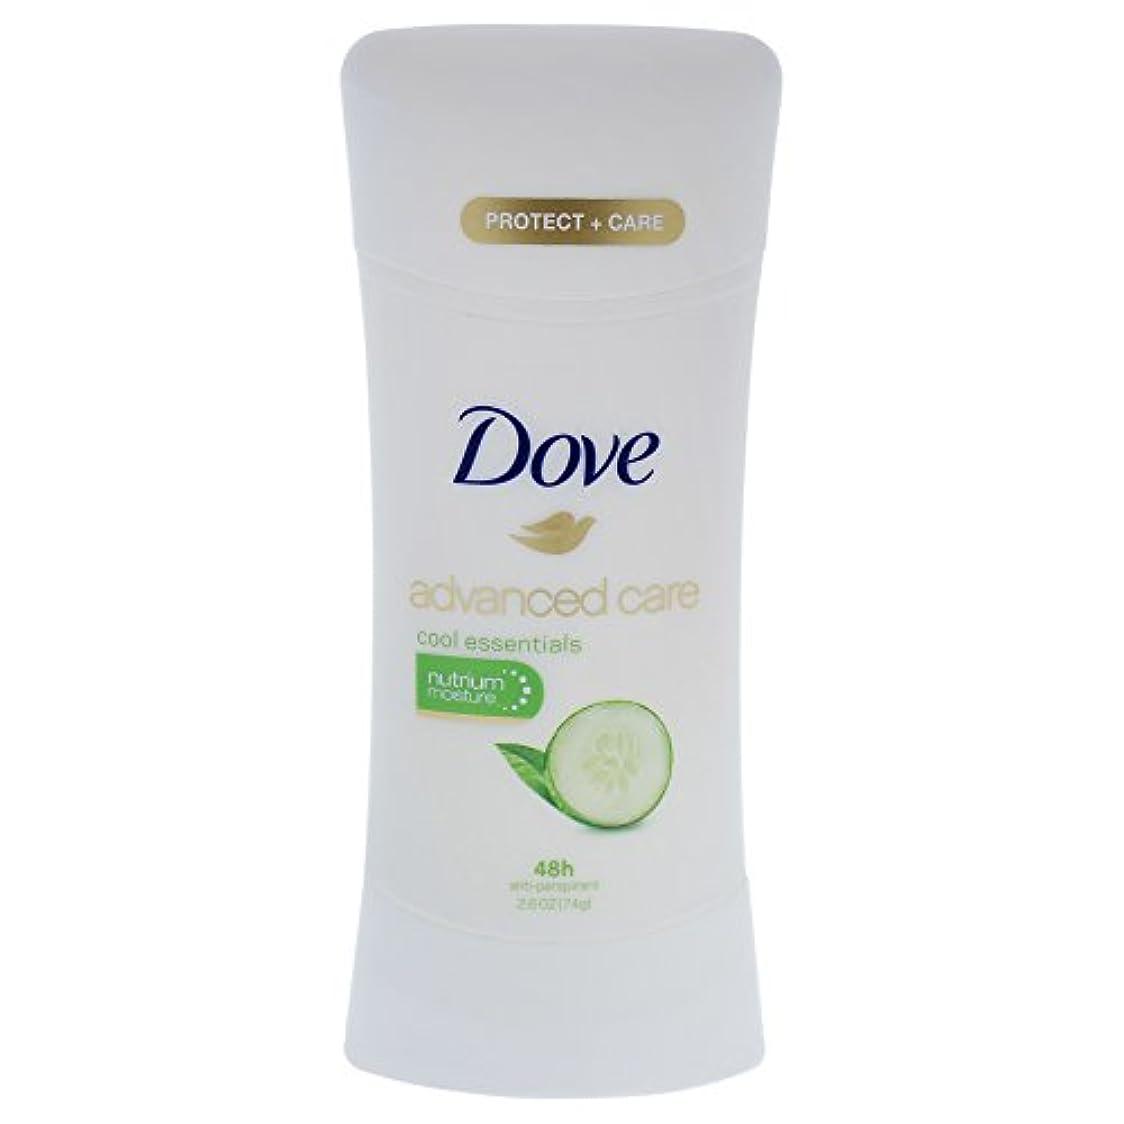 Dove Advanced Care Cool Essentials Deodorant - 2.6oz ダブ アドバンスド ケア クールエッセンシャル デオドラント 74g [並行輸入品]